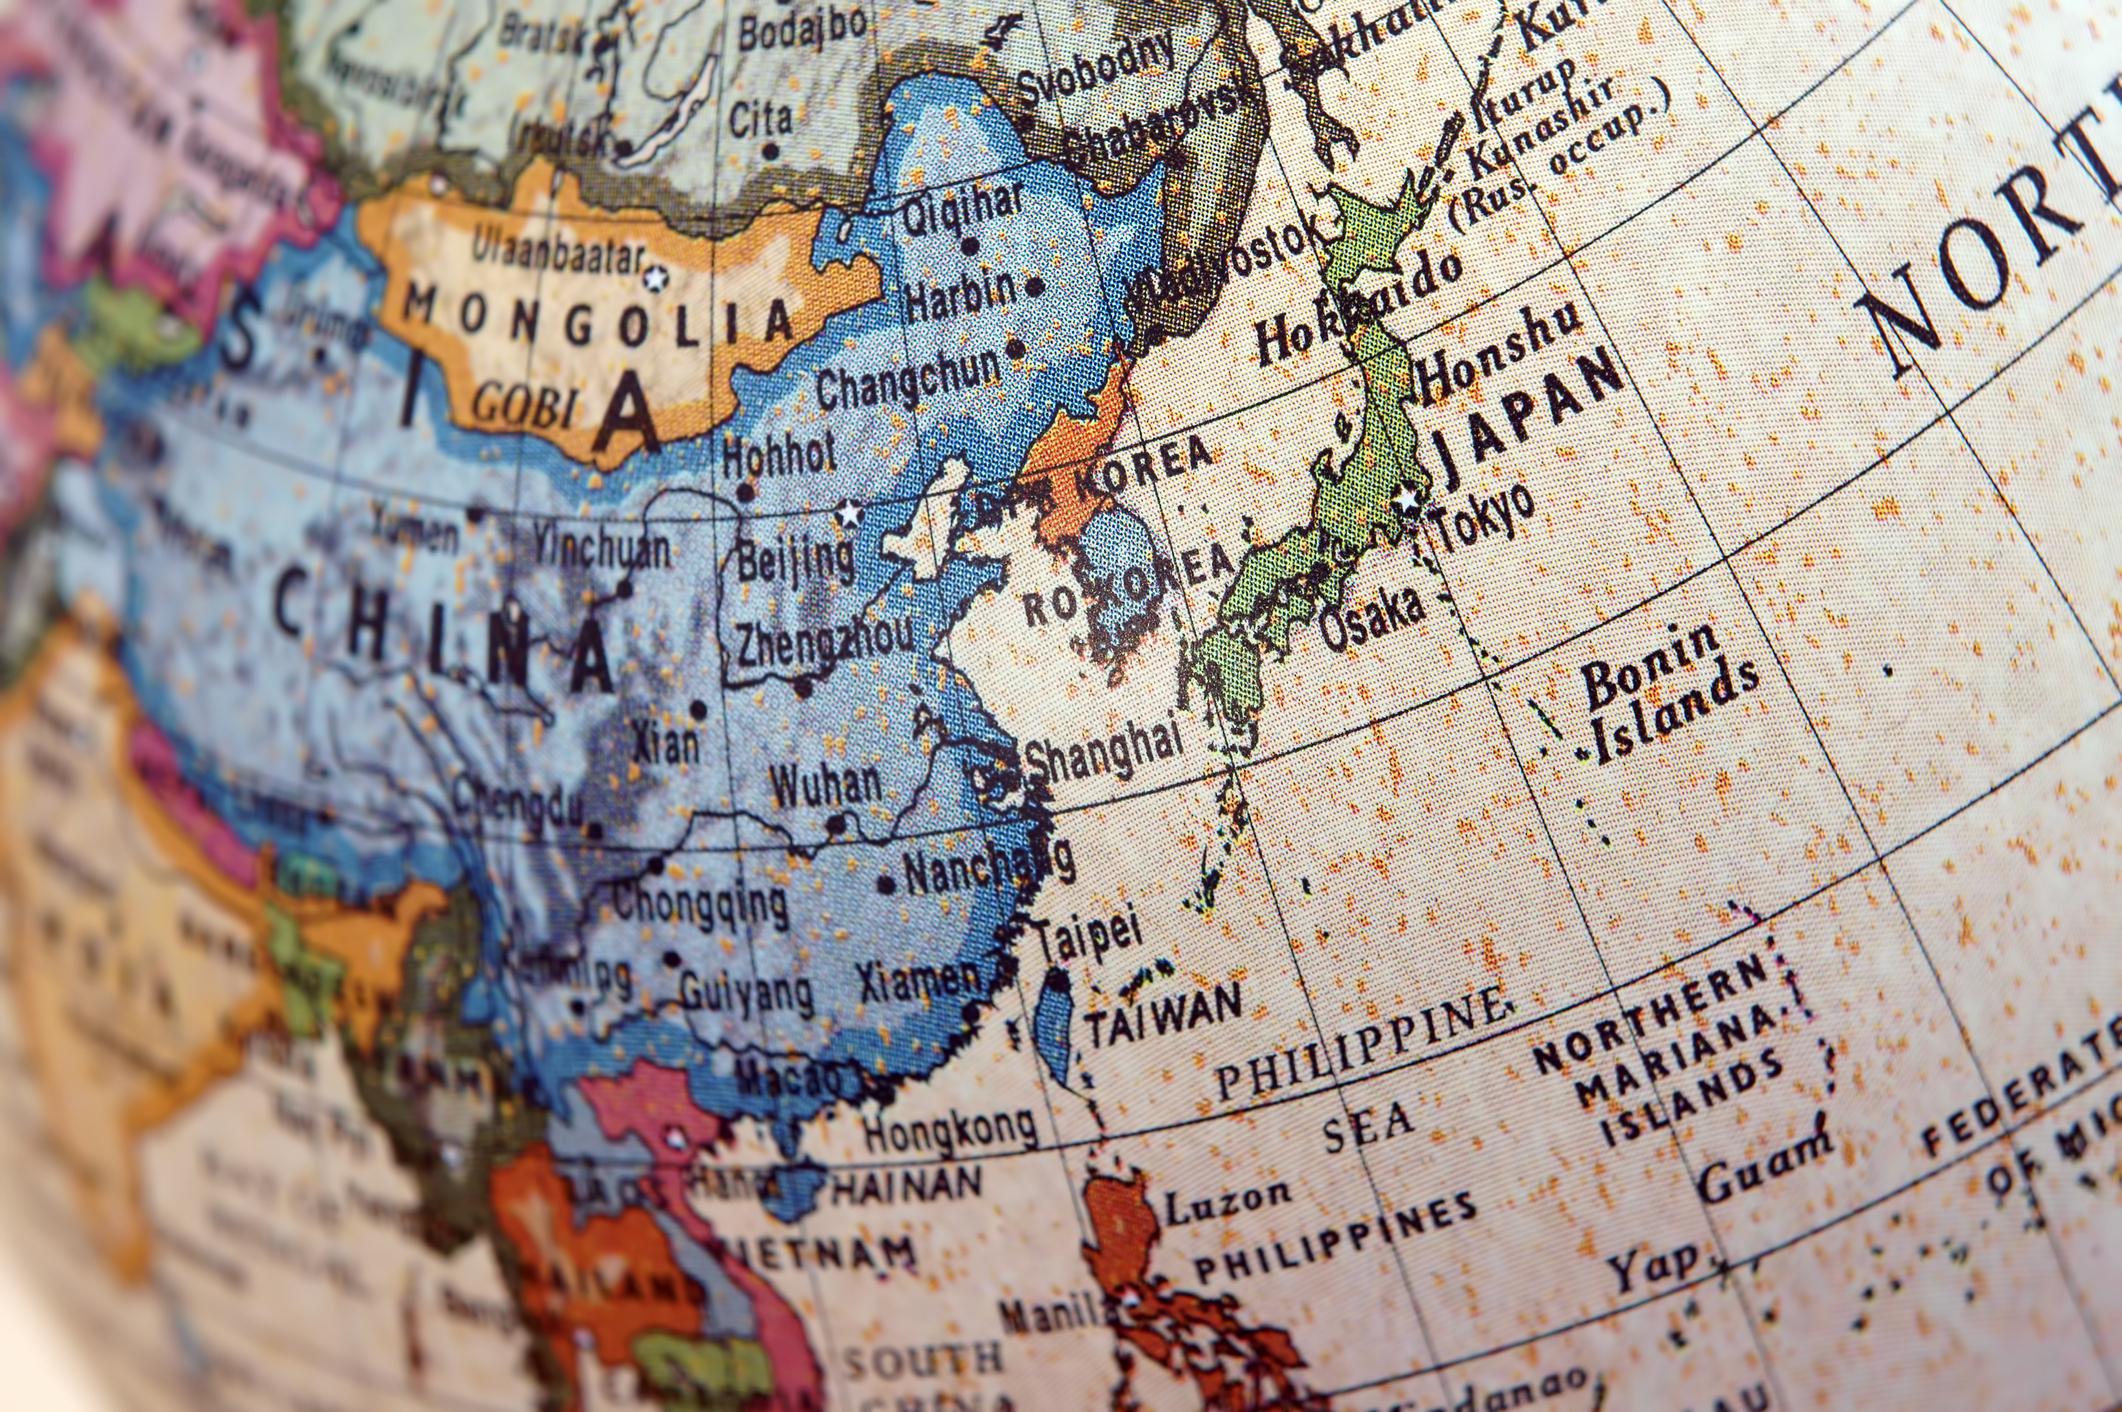 Etichettatura Cina, Giappone e Corea (online)